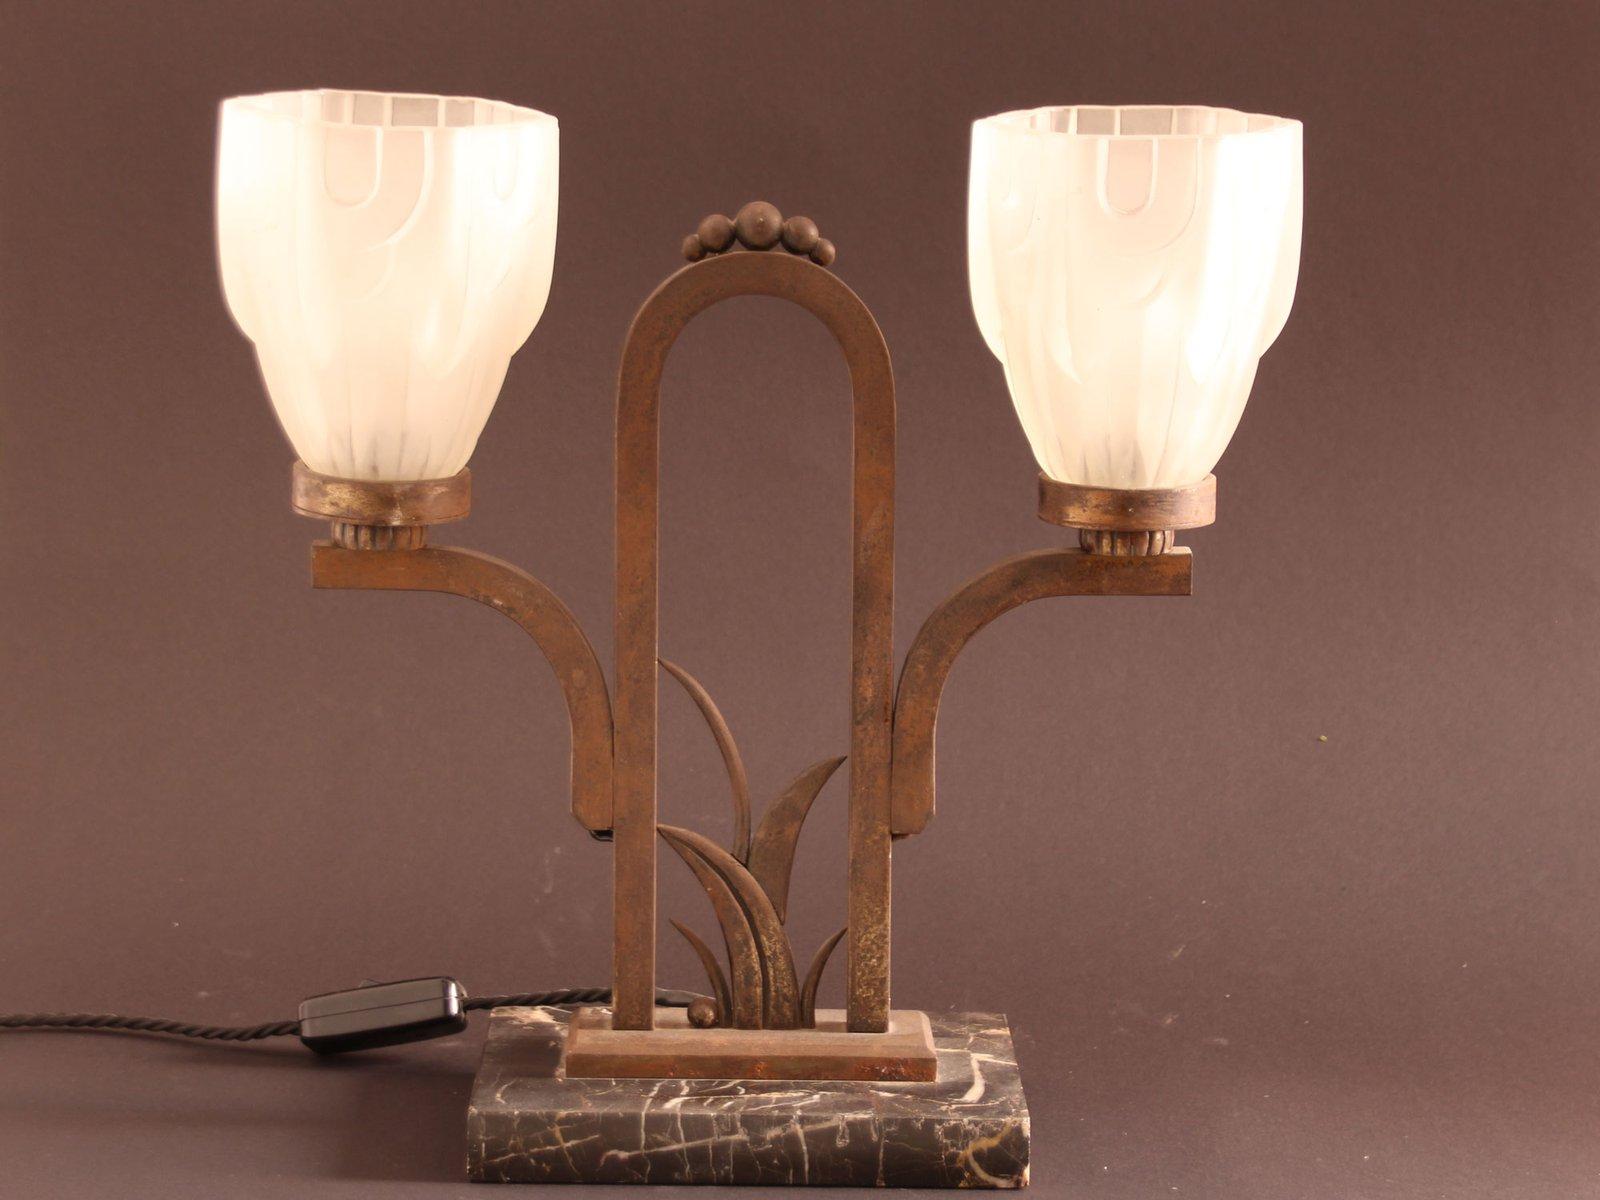 Lampe de bureau art déco vintage en marbre et fer forgé en vente